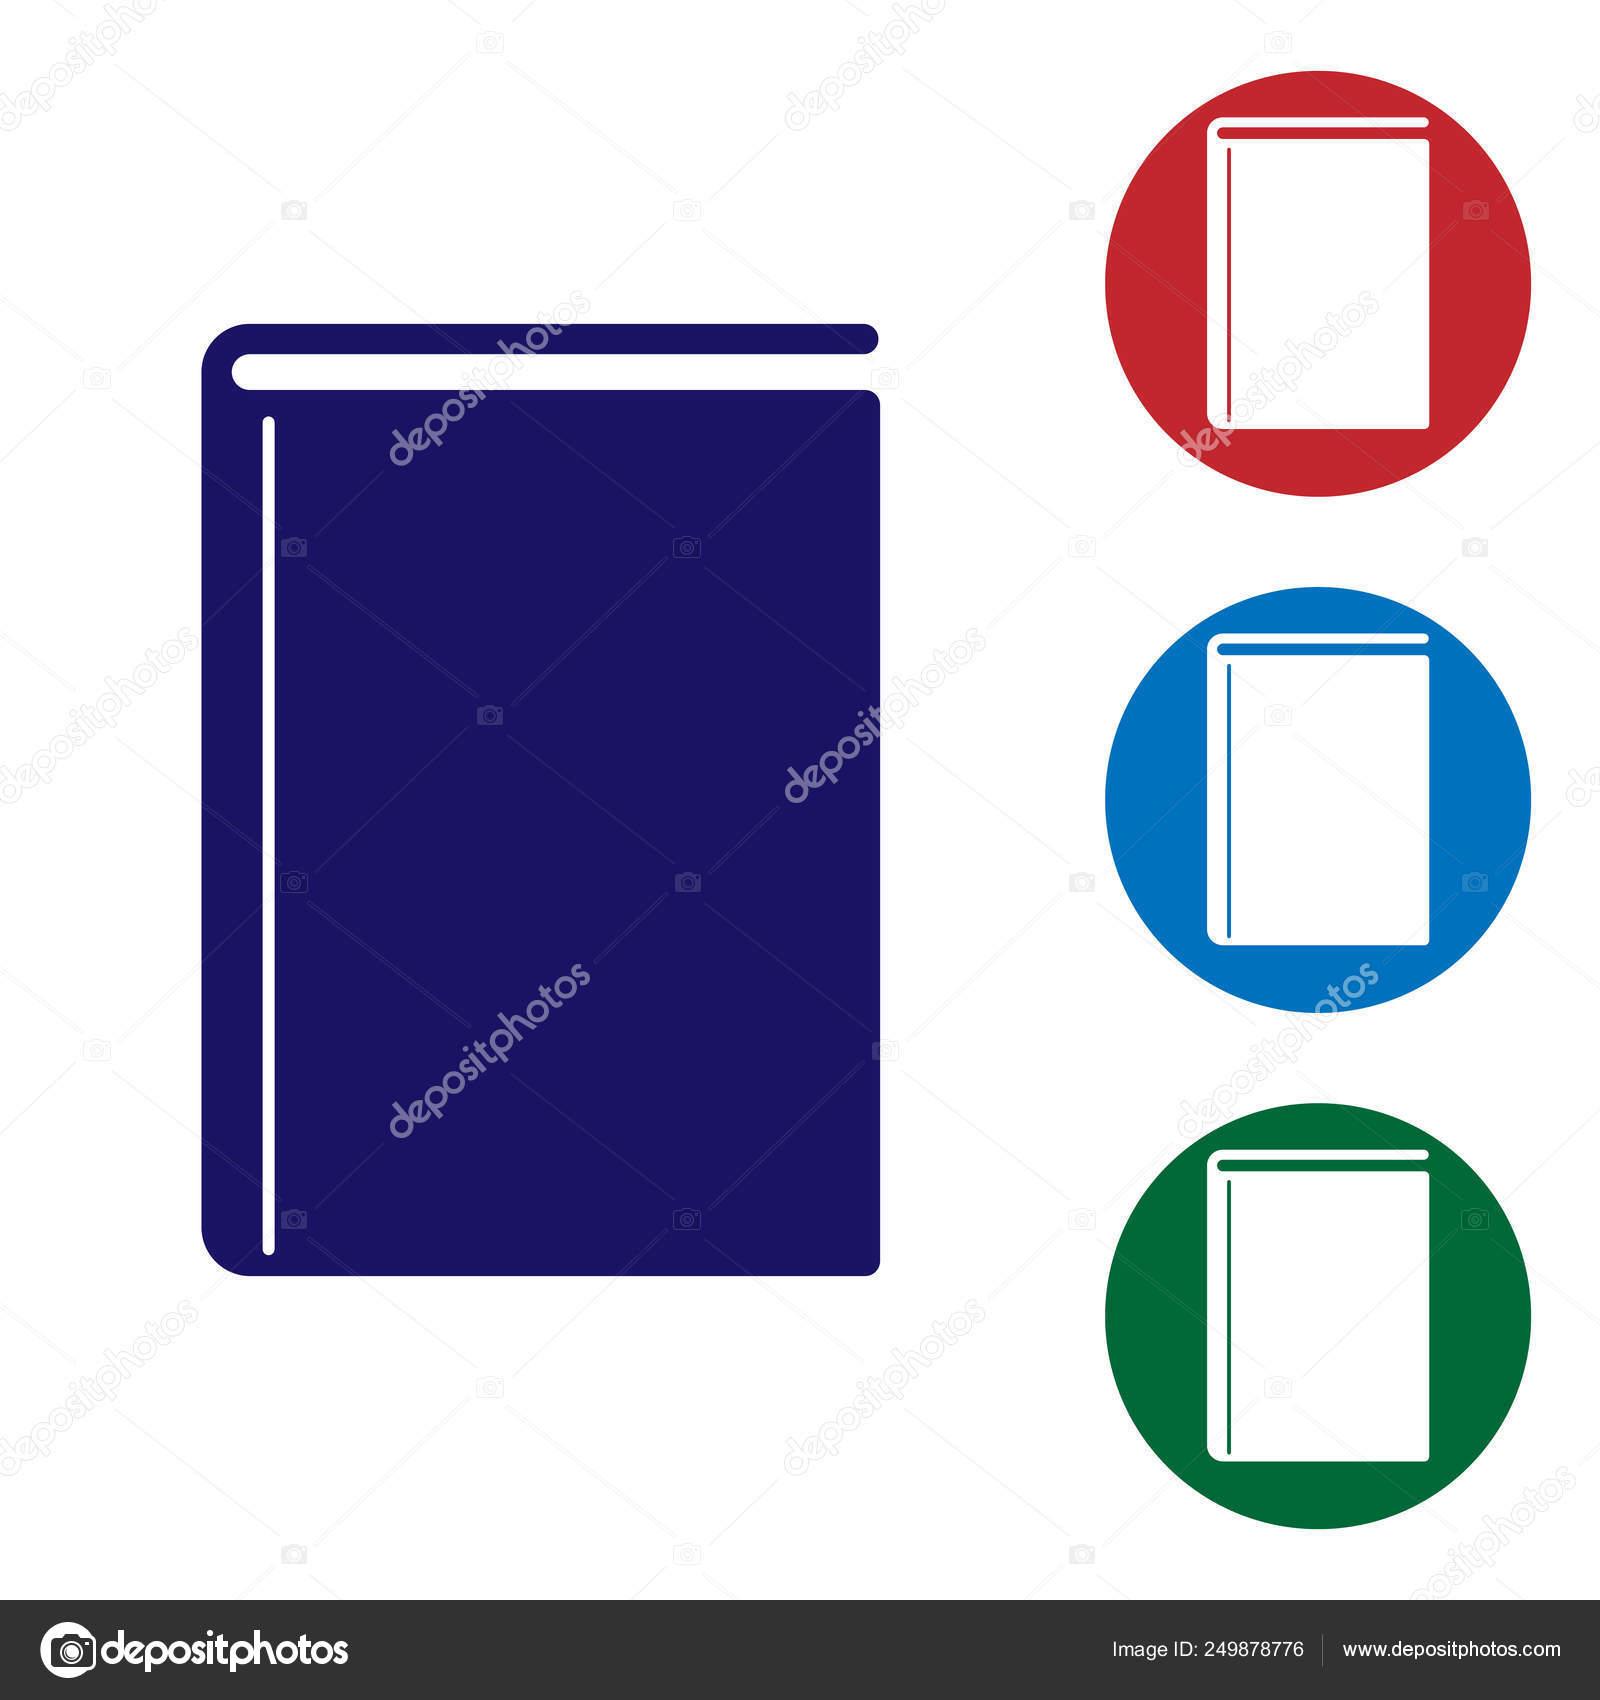 Livre Bleu Icone Isole Sur Fond Blanc Icone De Couleur